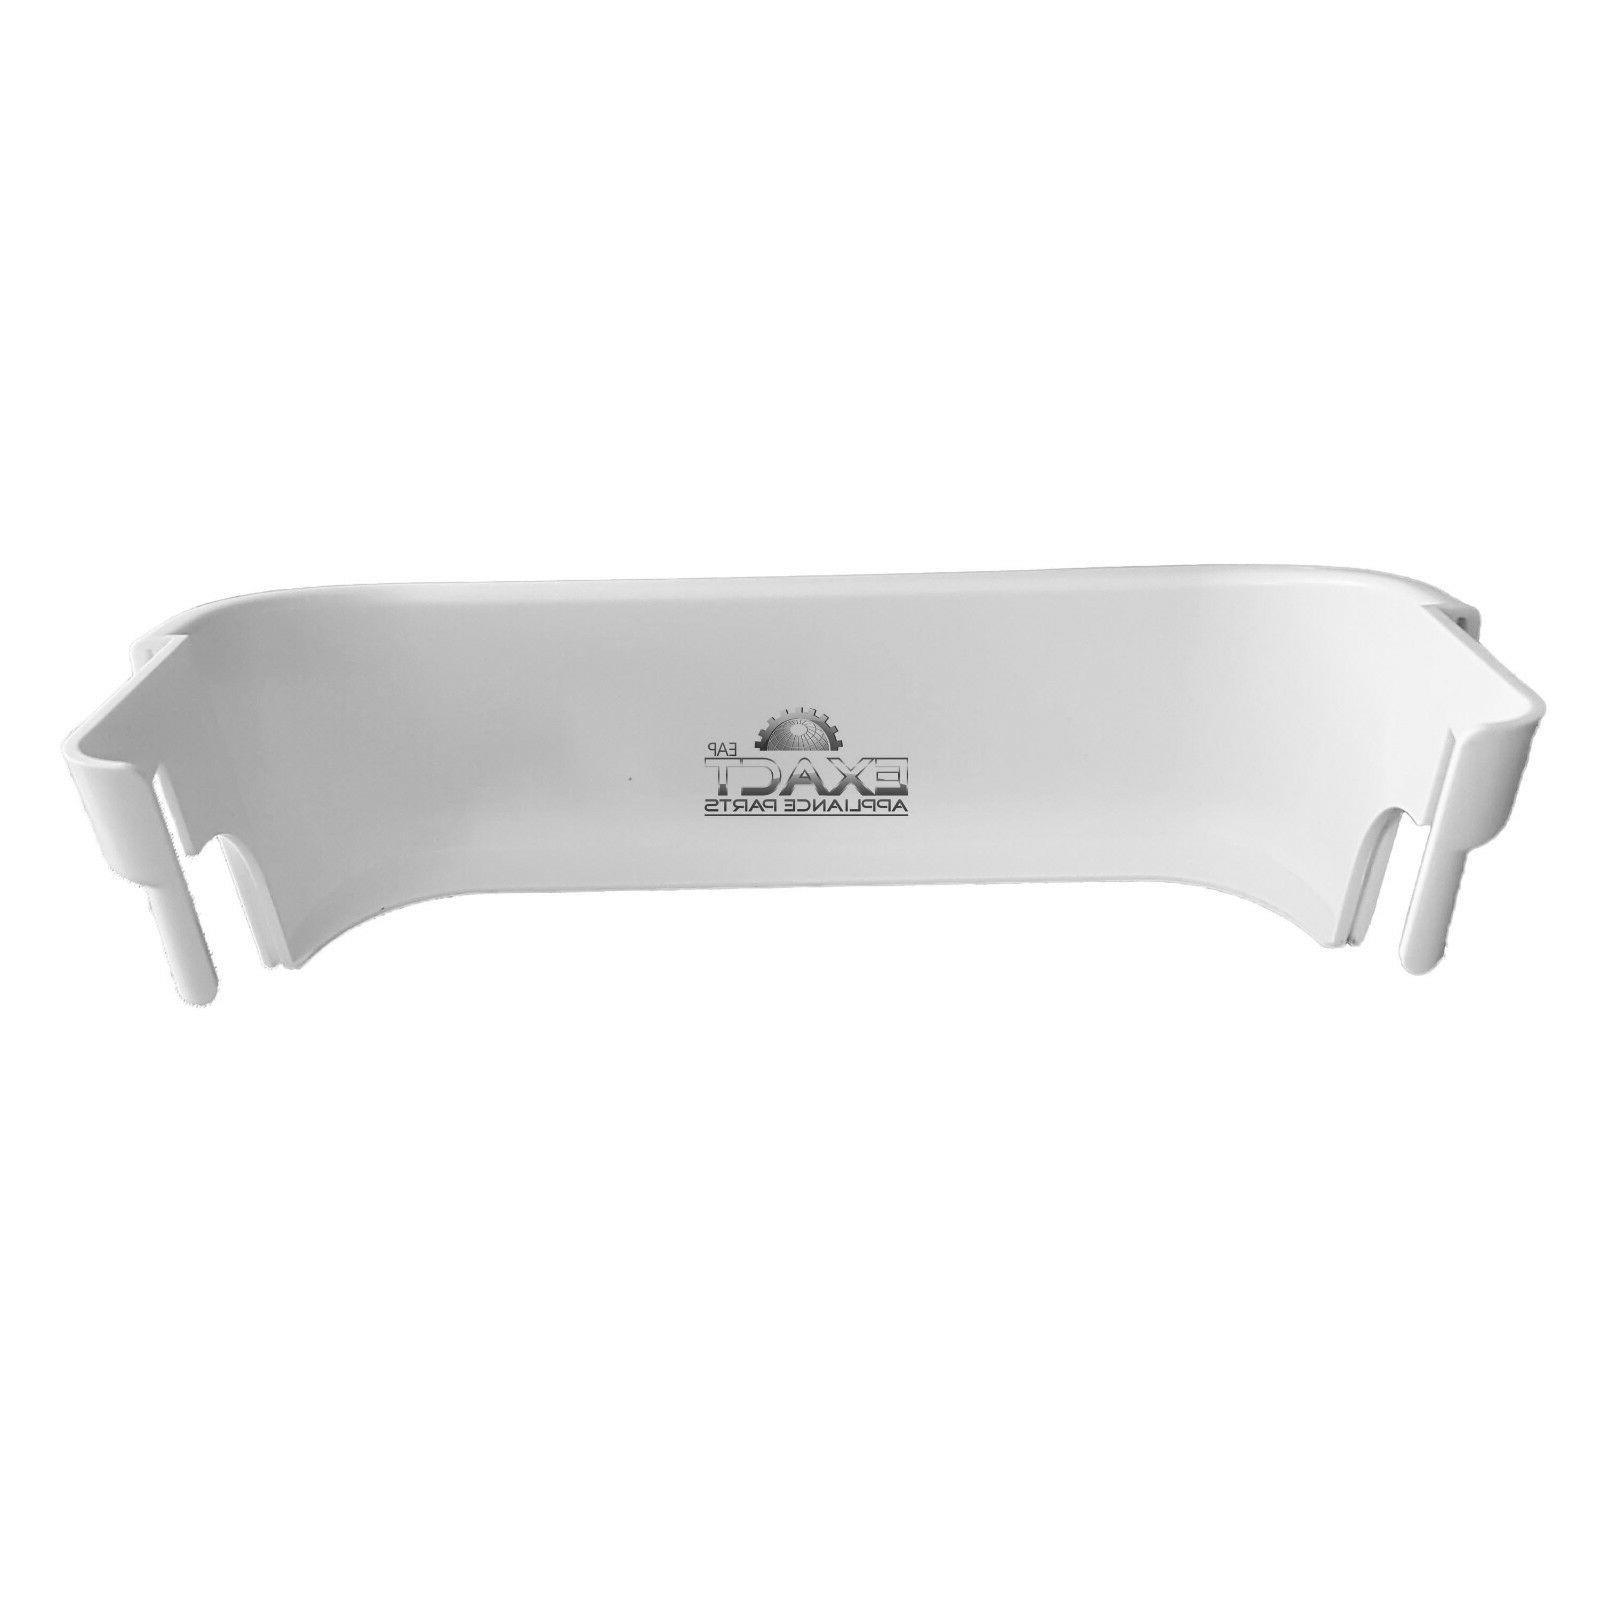 240351601 Freezer Shelf for PS430027